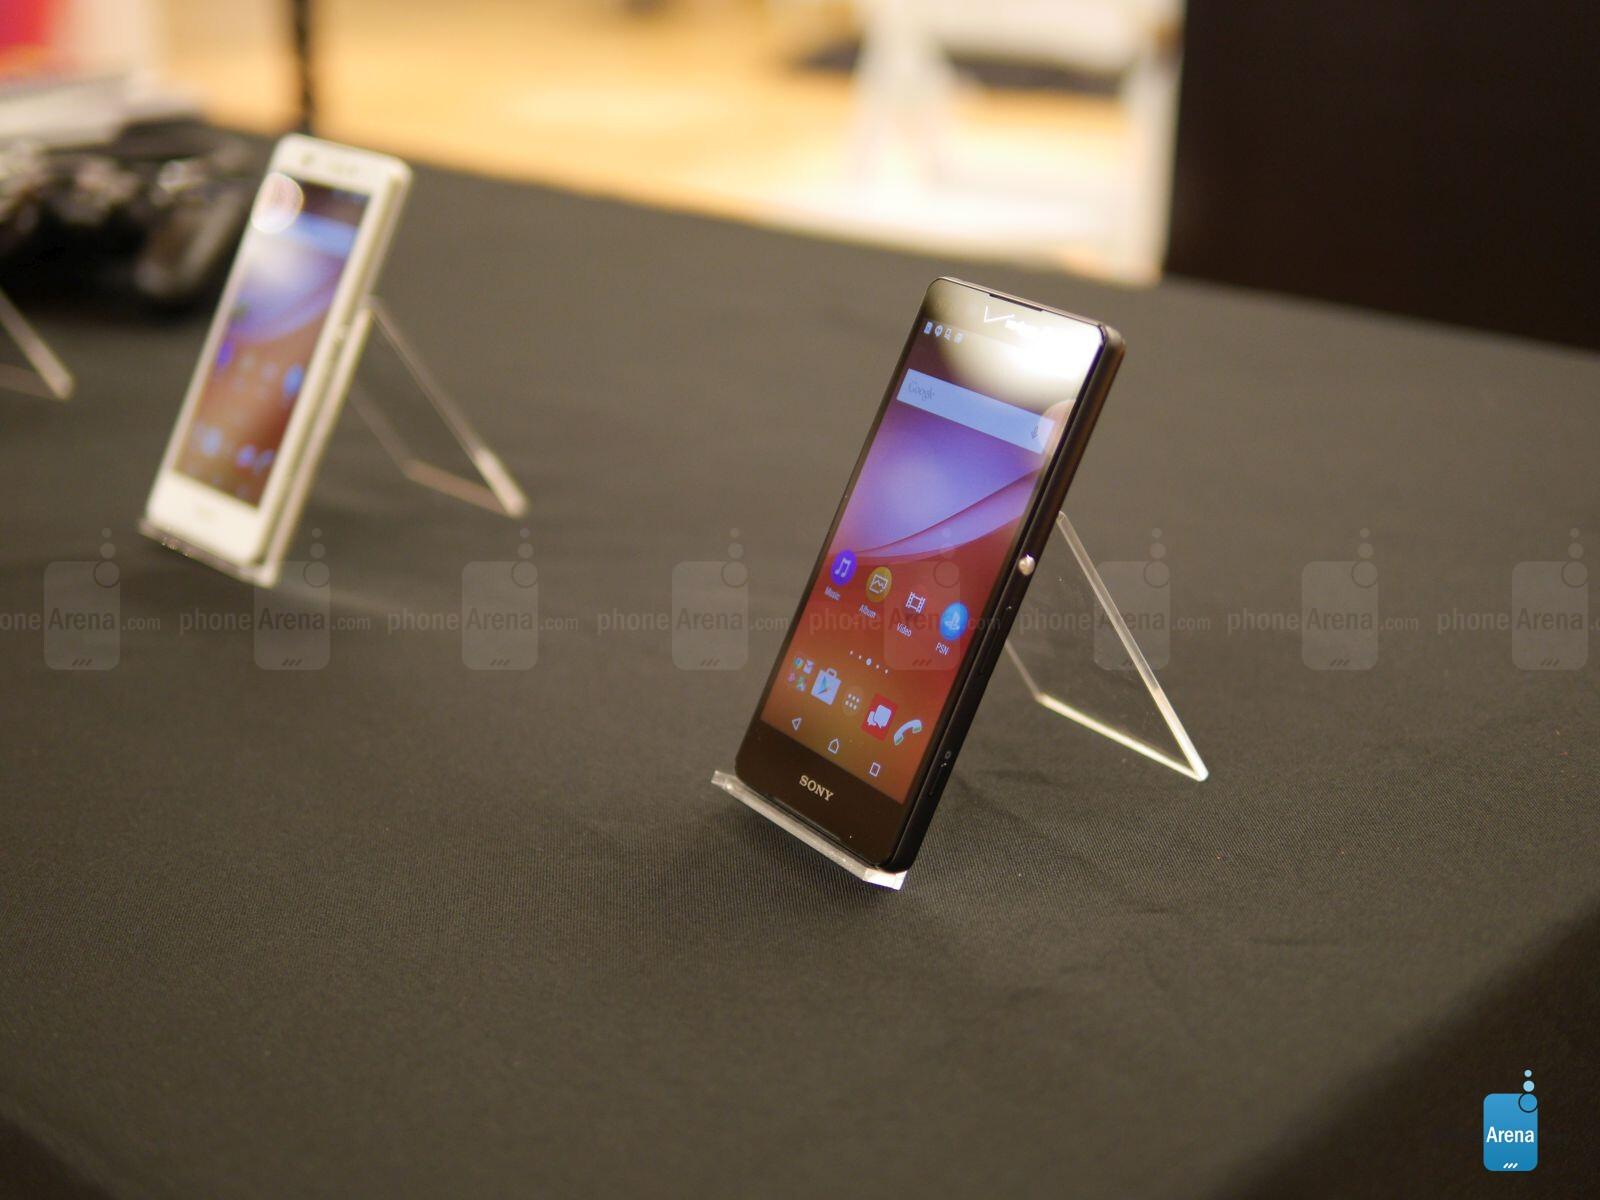 Sony xperia z4v smartphone - d